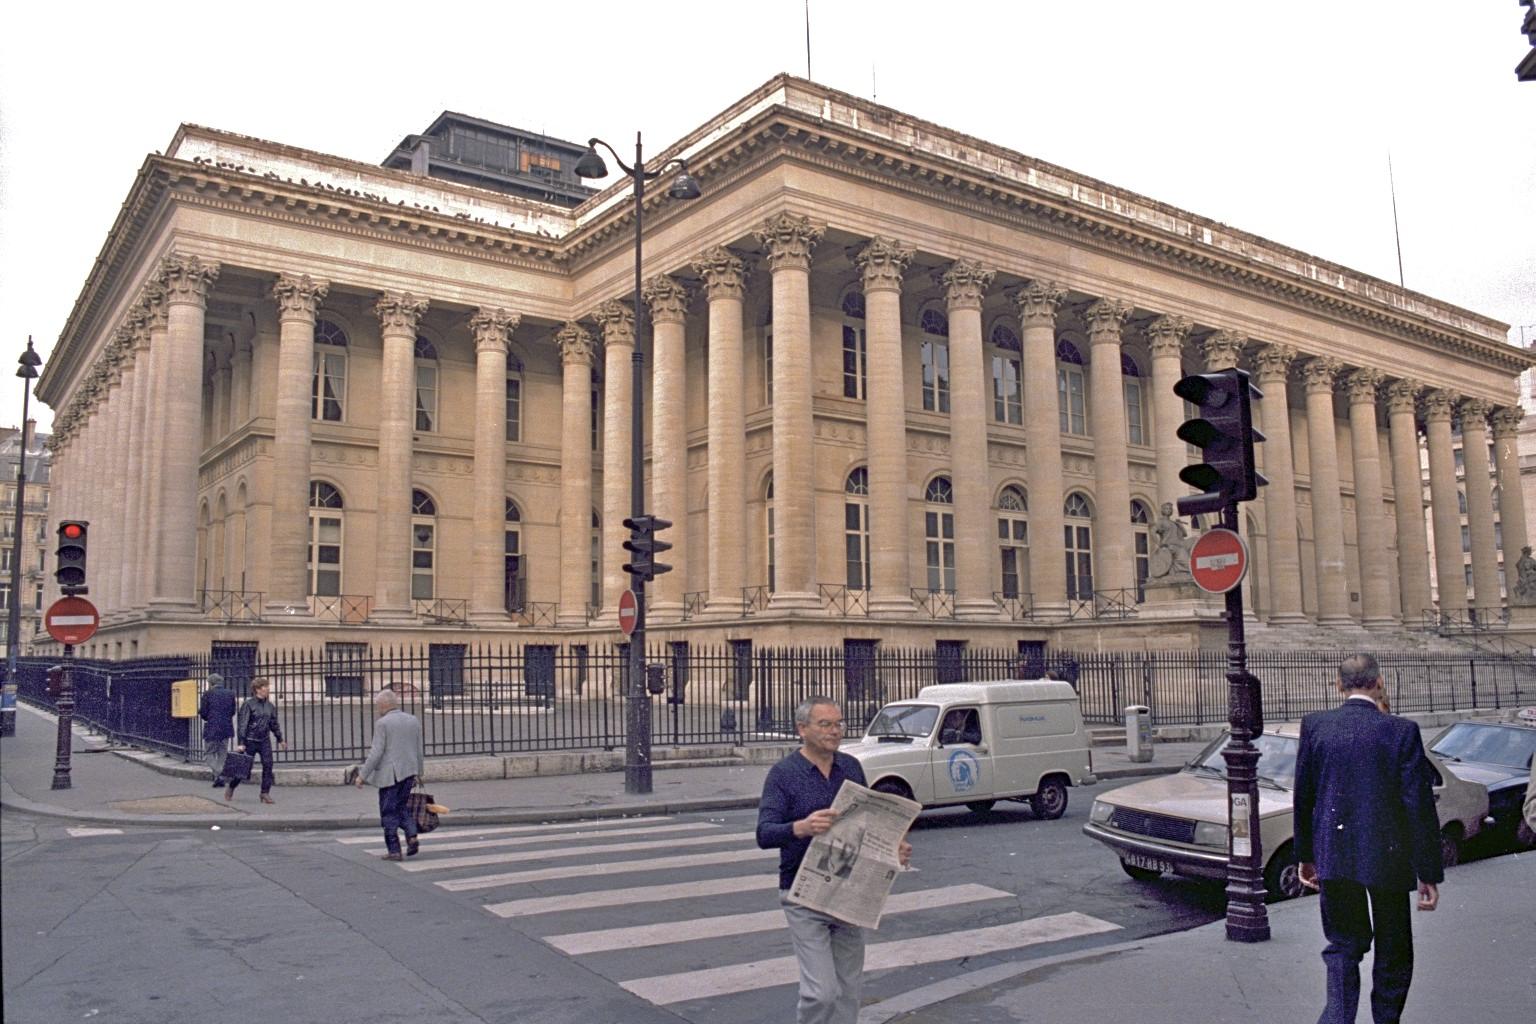 Bourse, Paris